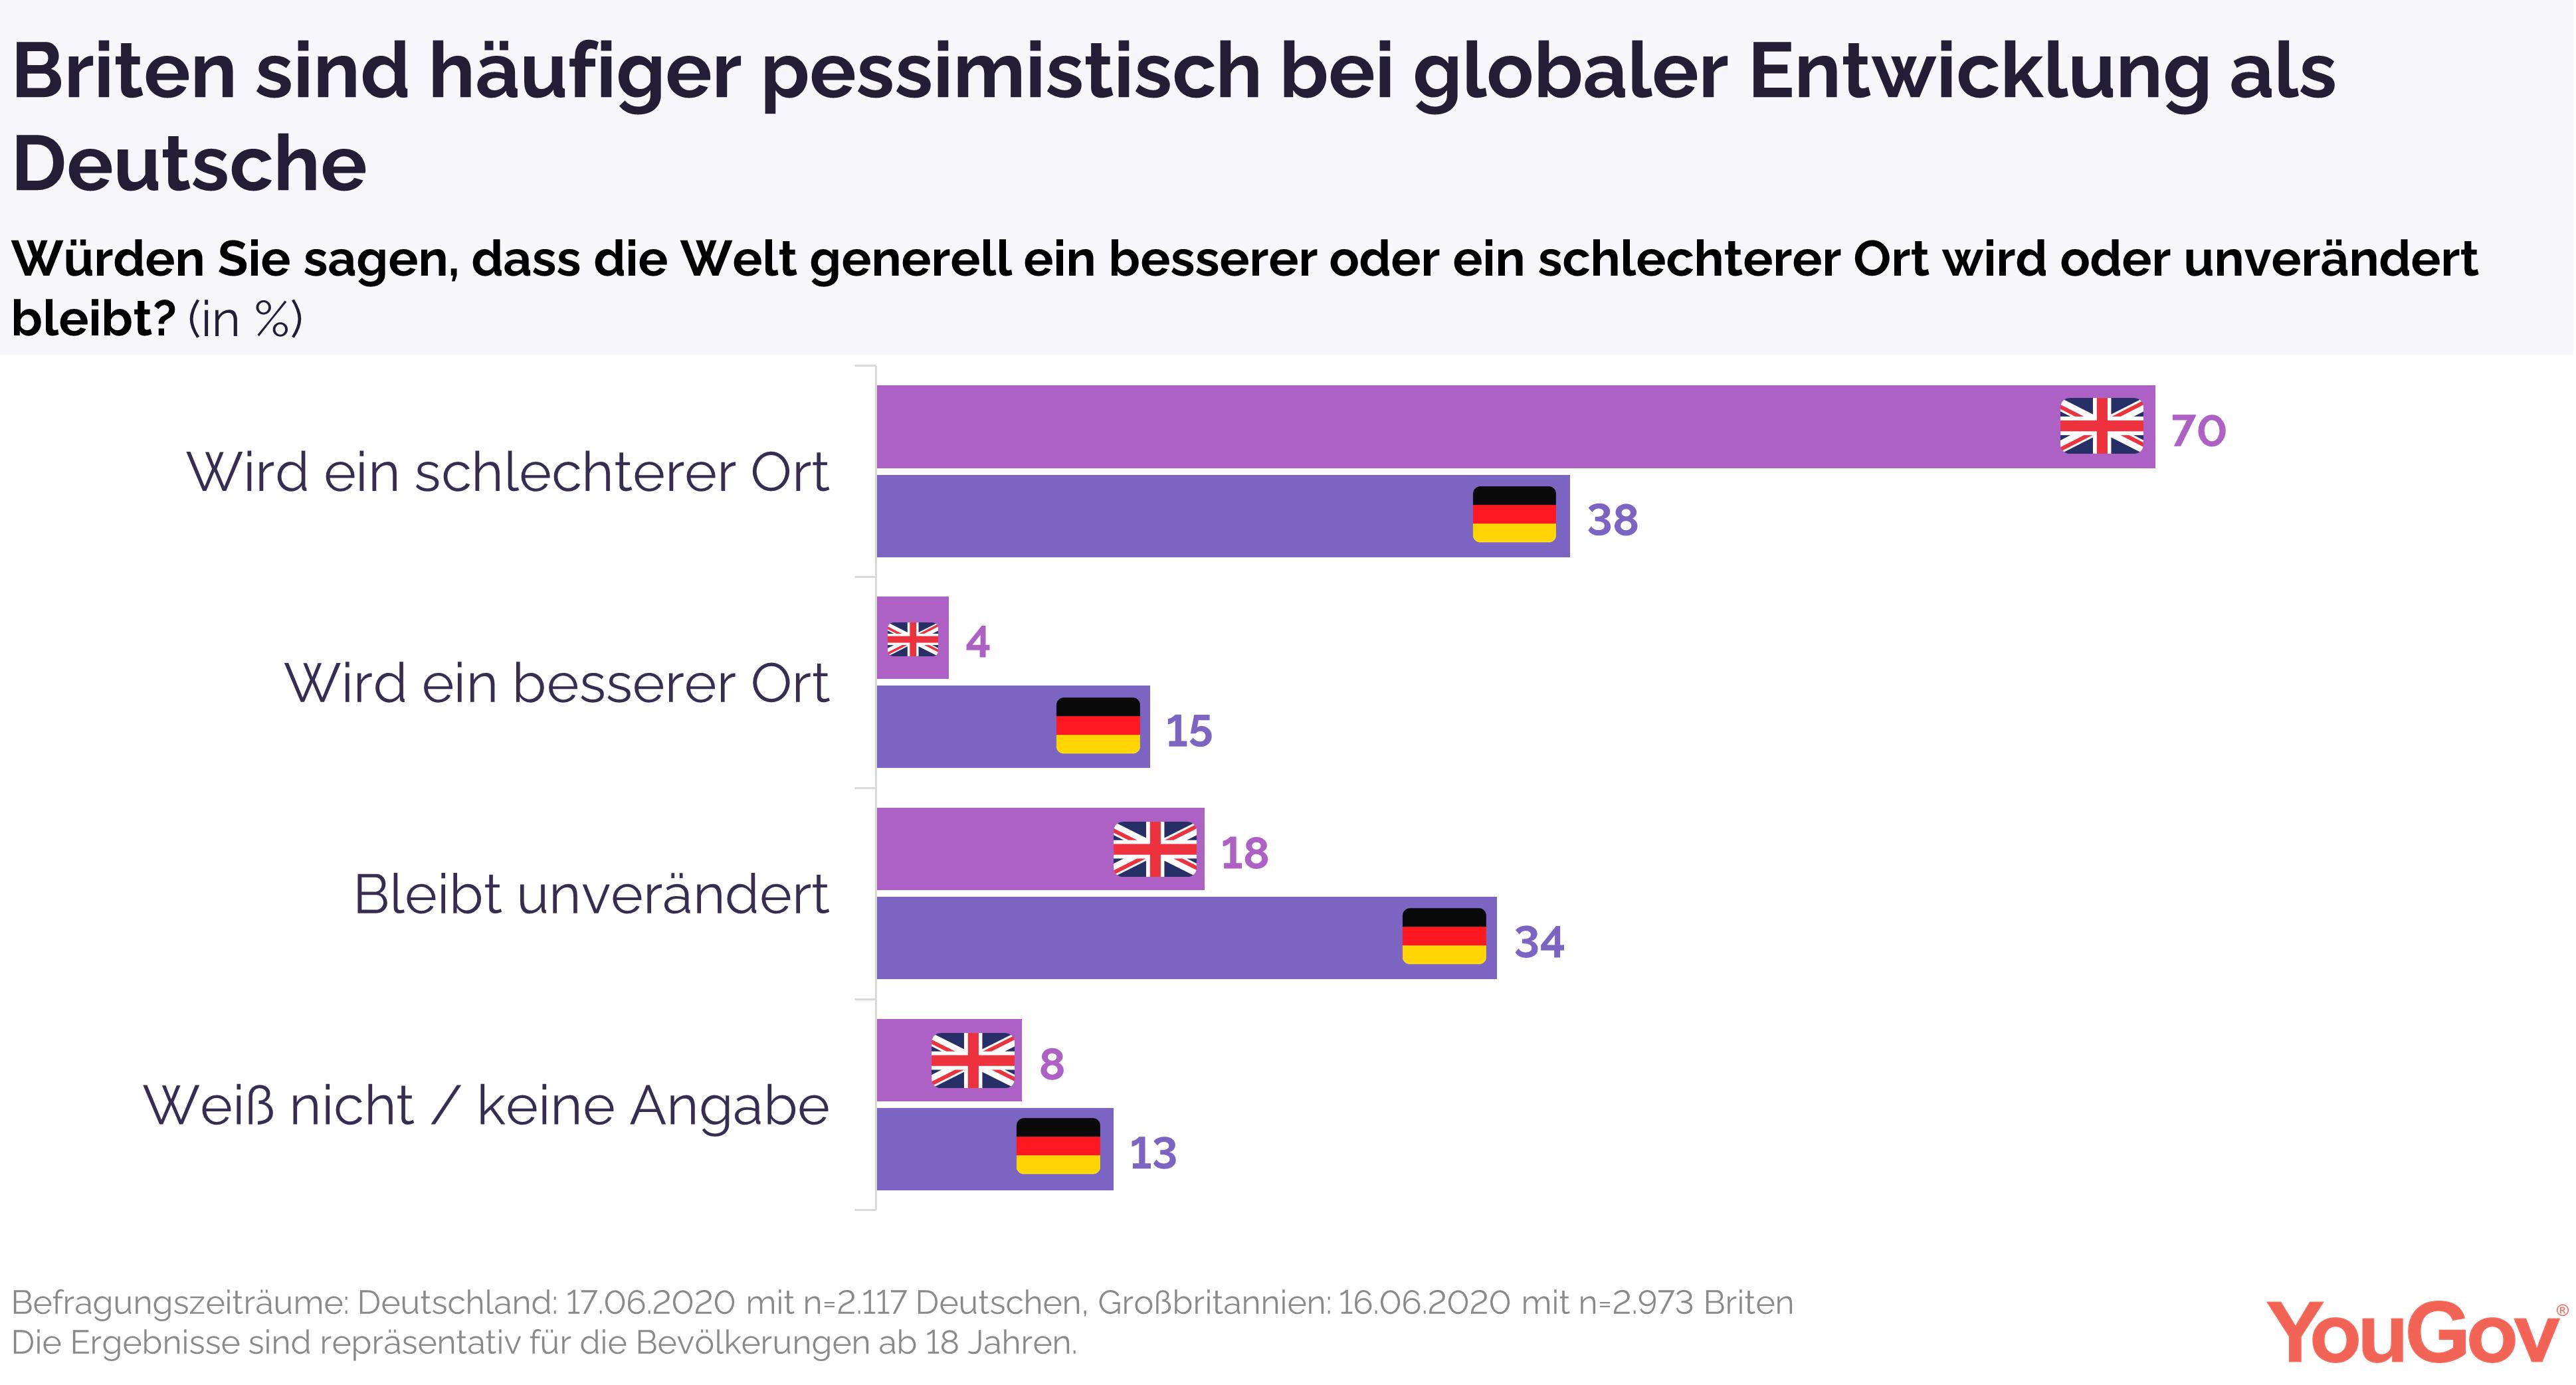 Briten sind skeptischer als Deutsche